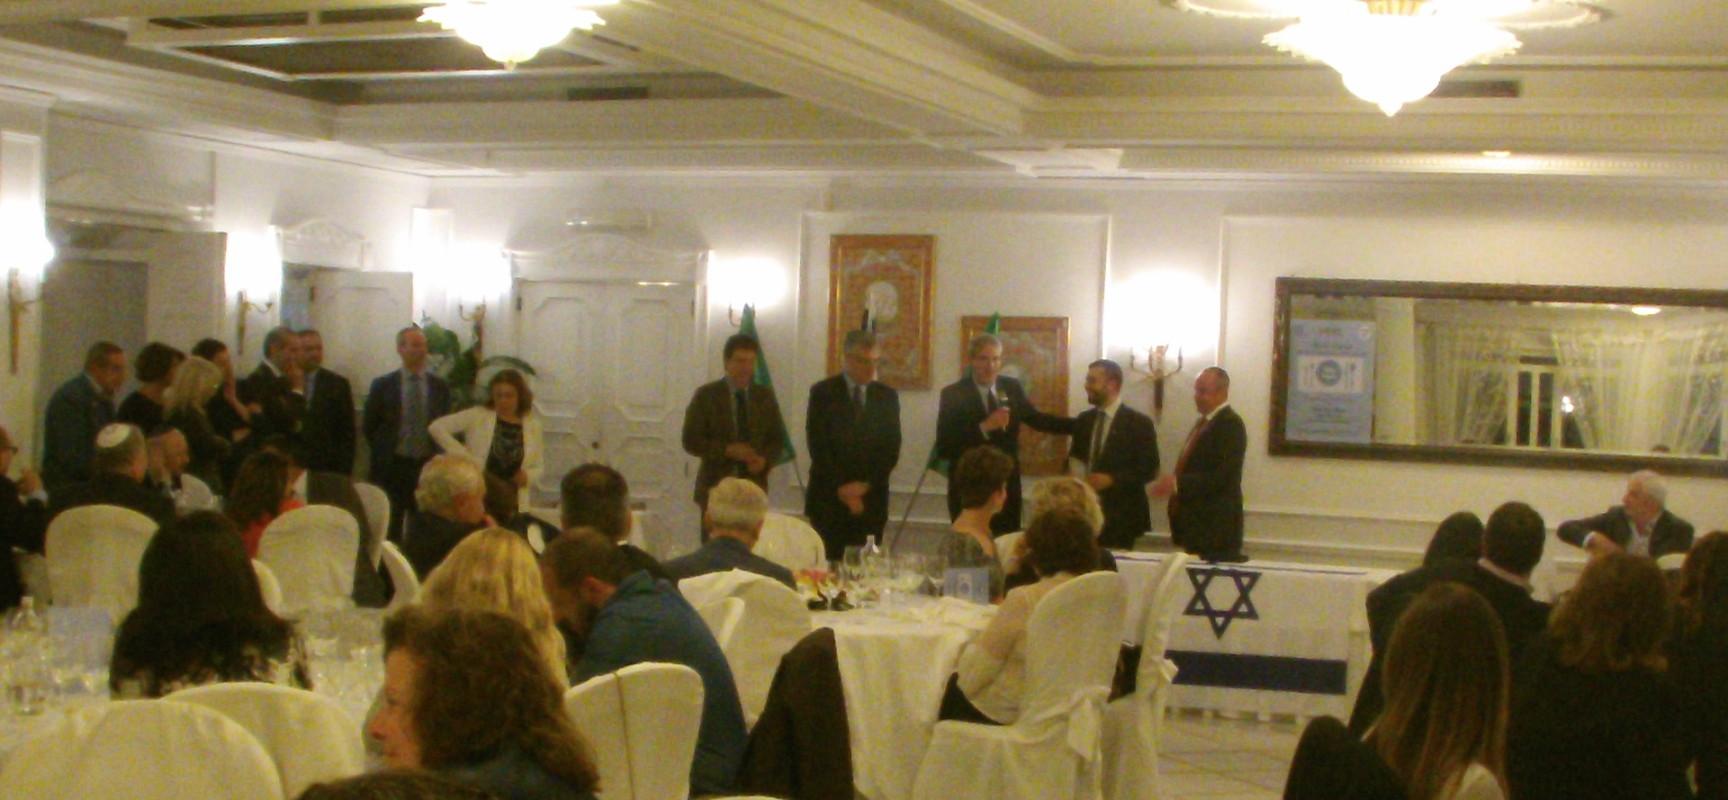 Napoli ed Israele: gemellaggio si, ma anche tanta cultura a tavola.